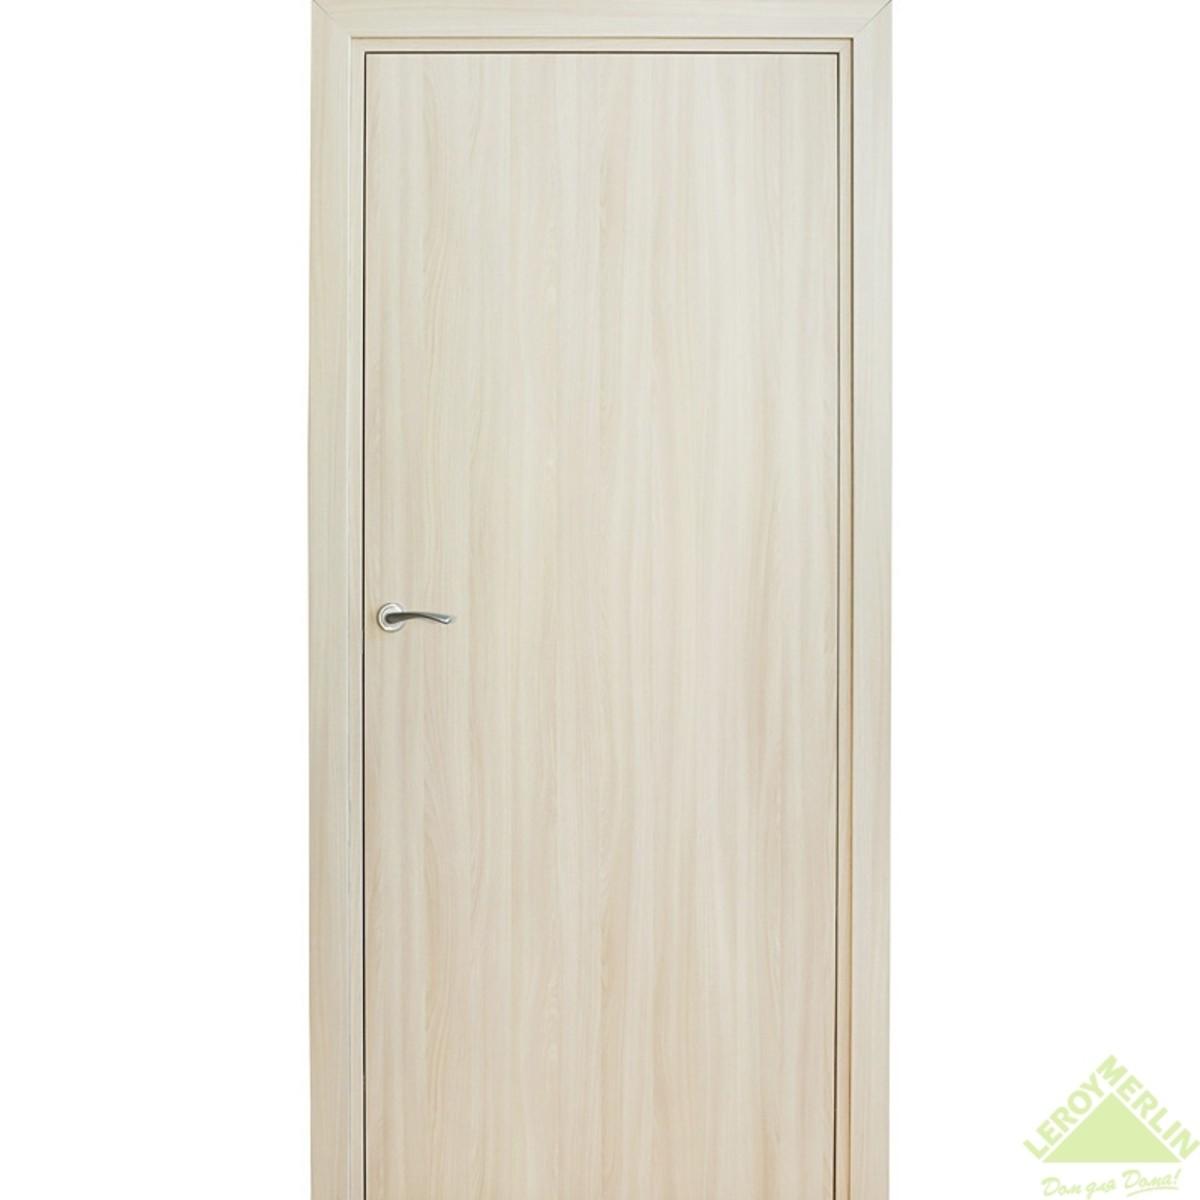 Дверь межкомнатная глухая Фортунато Модерн 70x200 см ламинация цвет ясень